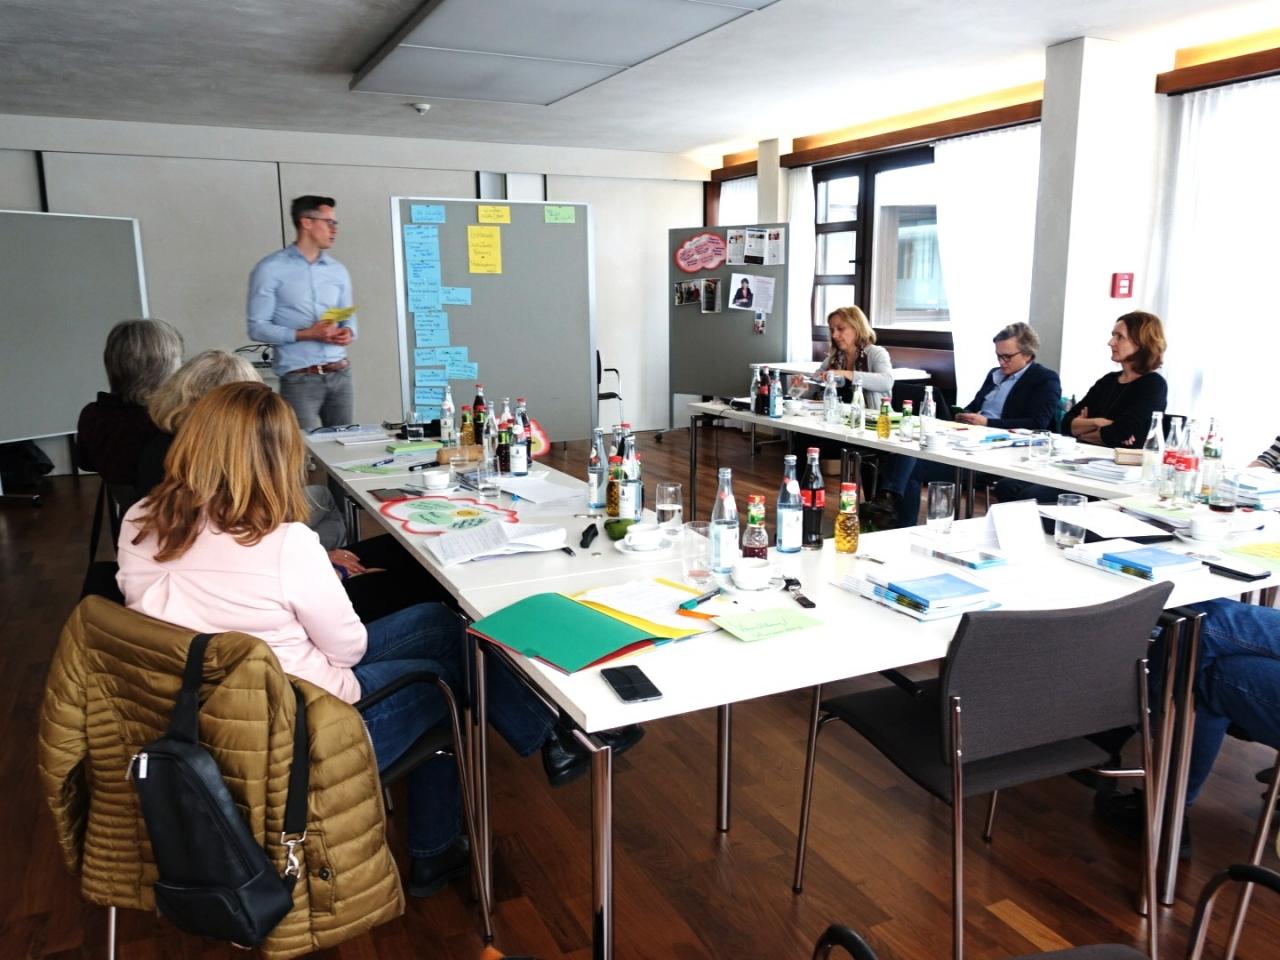 Auf dem Foto sind die Teilnehmer des regionalen Leuchtturm-Treffens in Augsburg zu sehen.